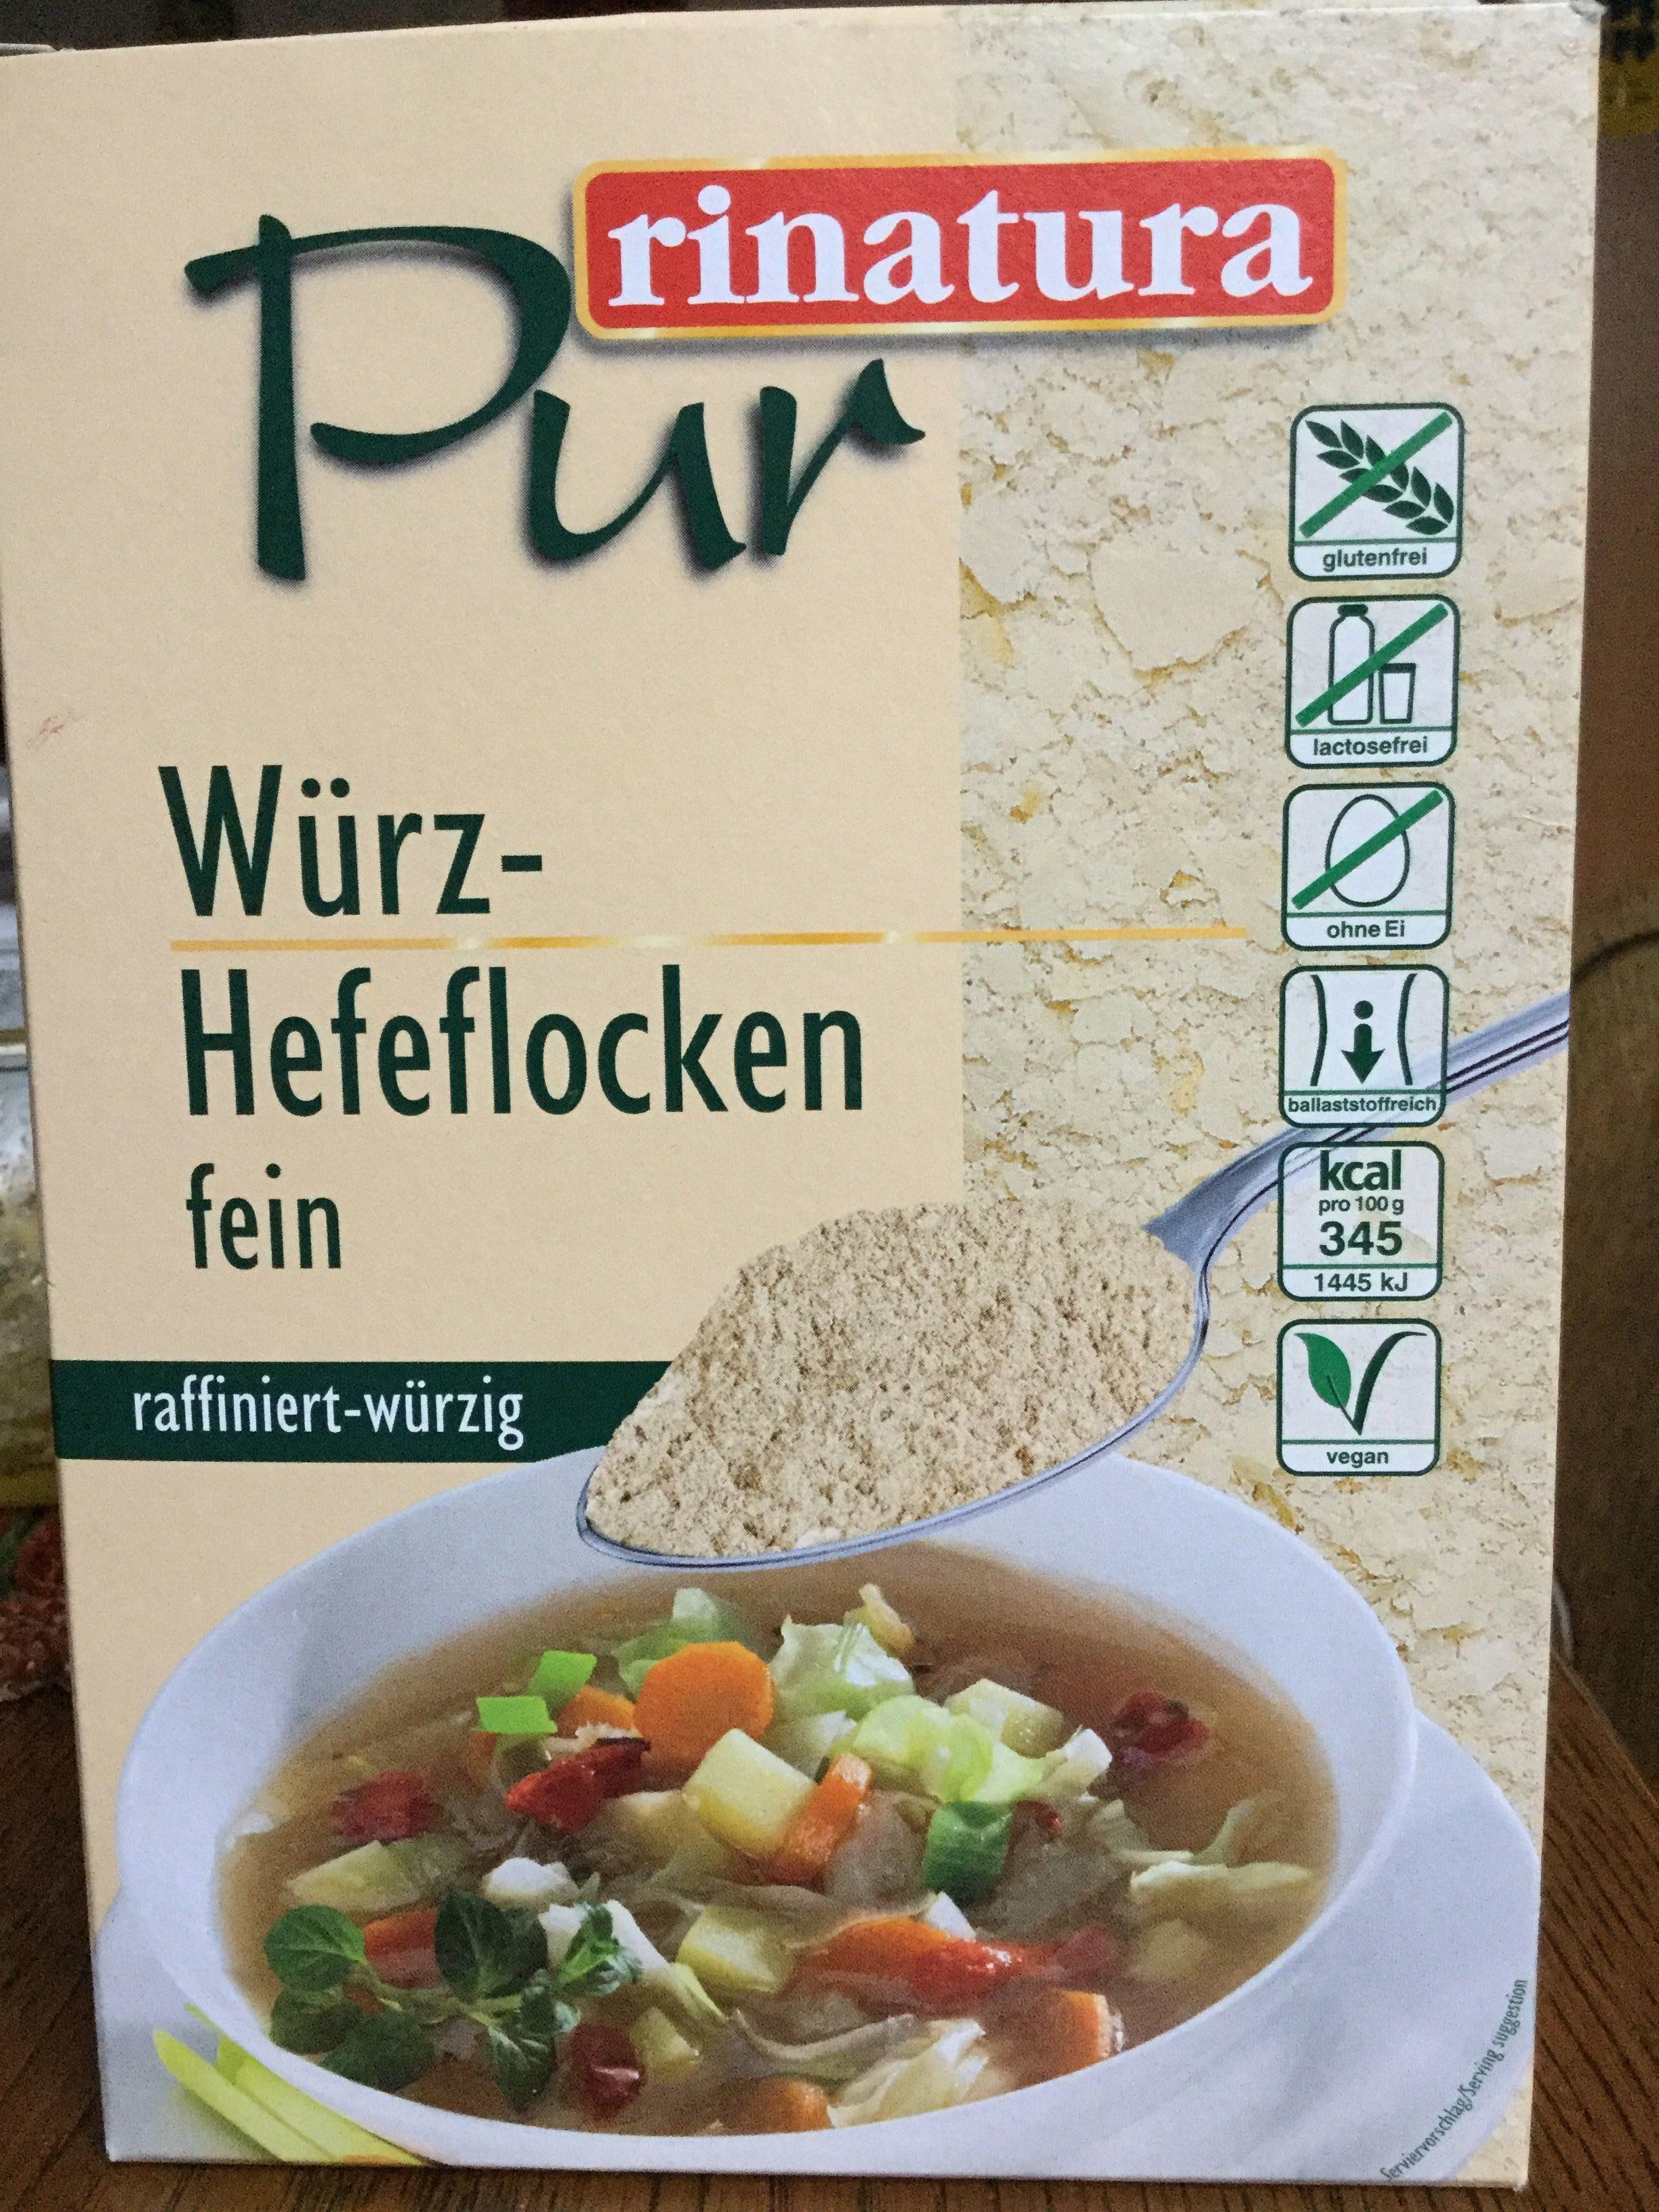 Würz-Hefeflocken fein - Product